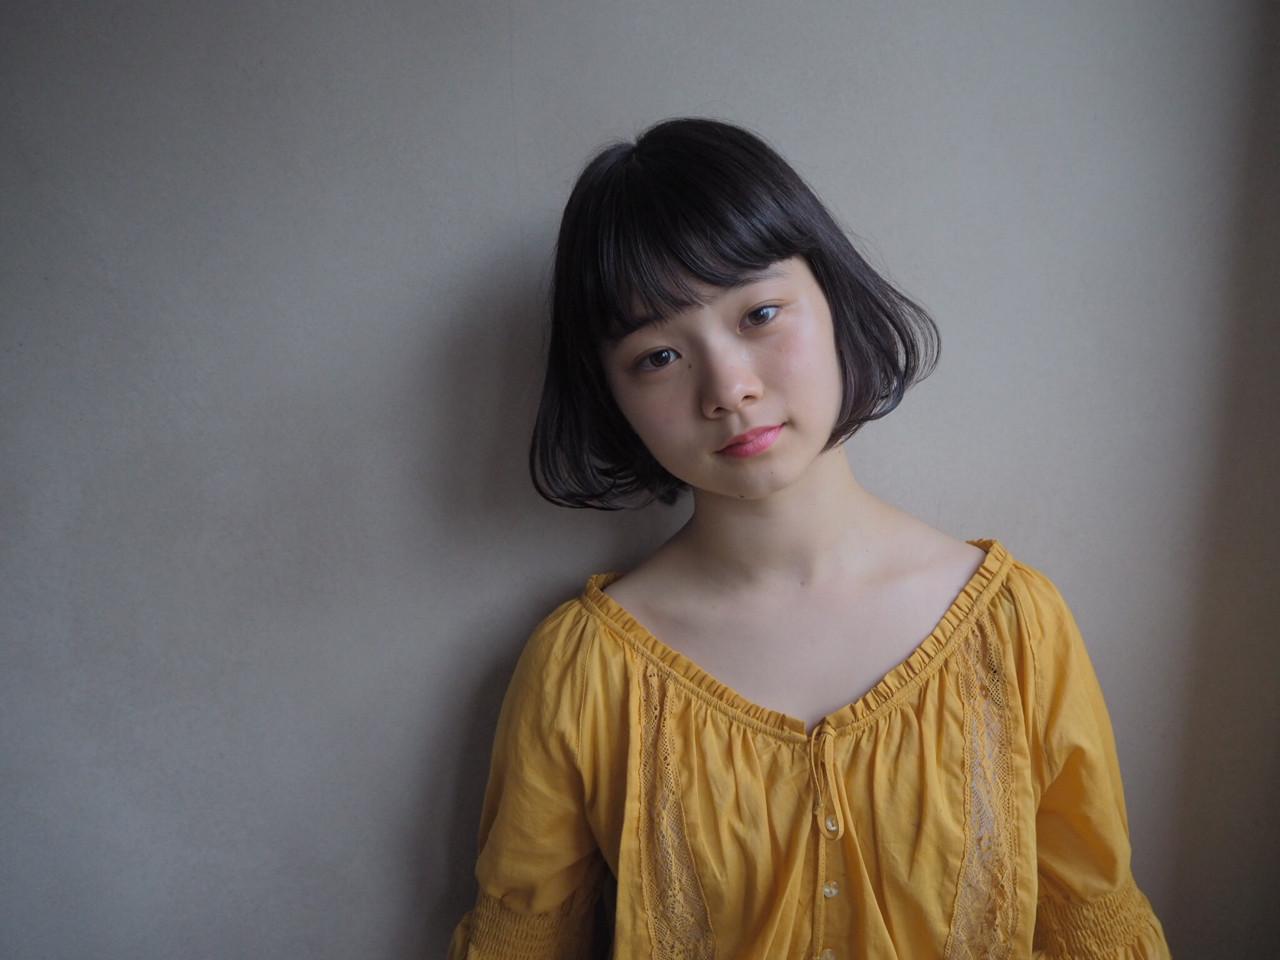 清楚な雰囲気の黒髪ワンカールパーマ 井上可南子 | モカゲ